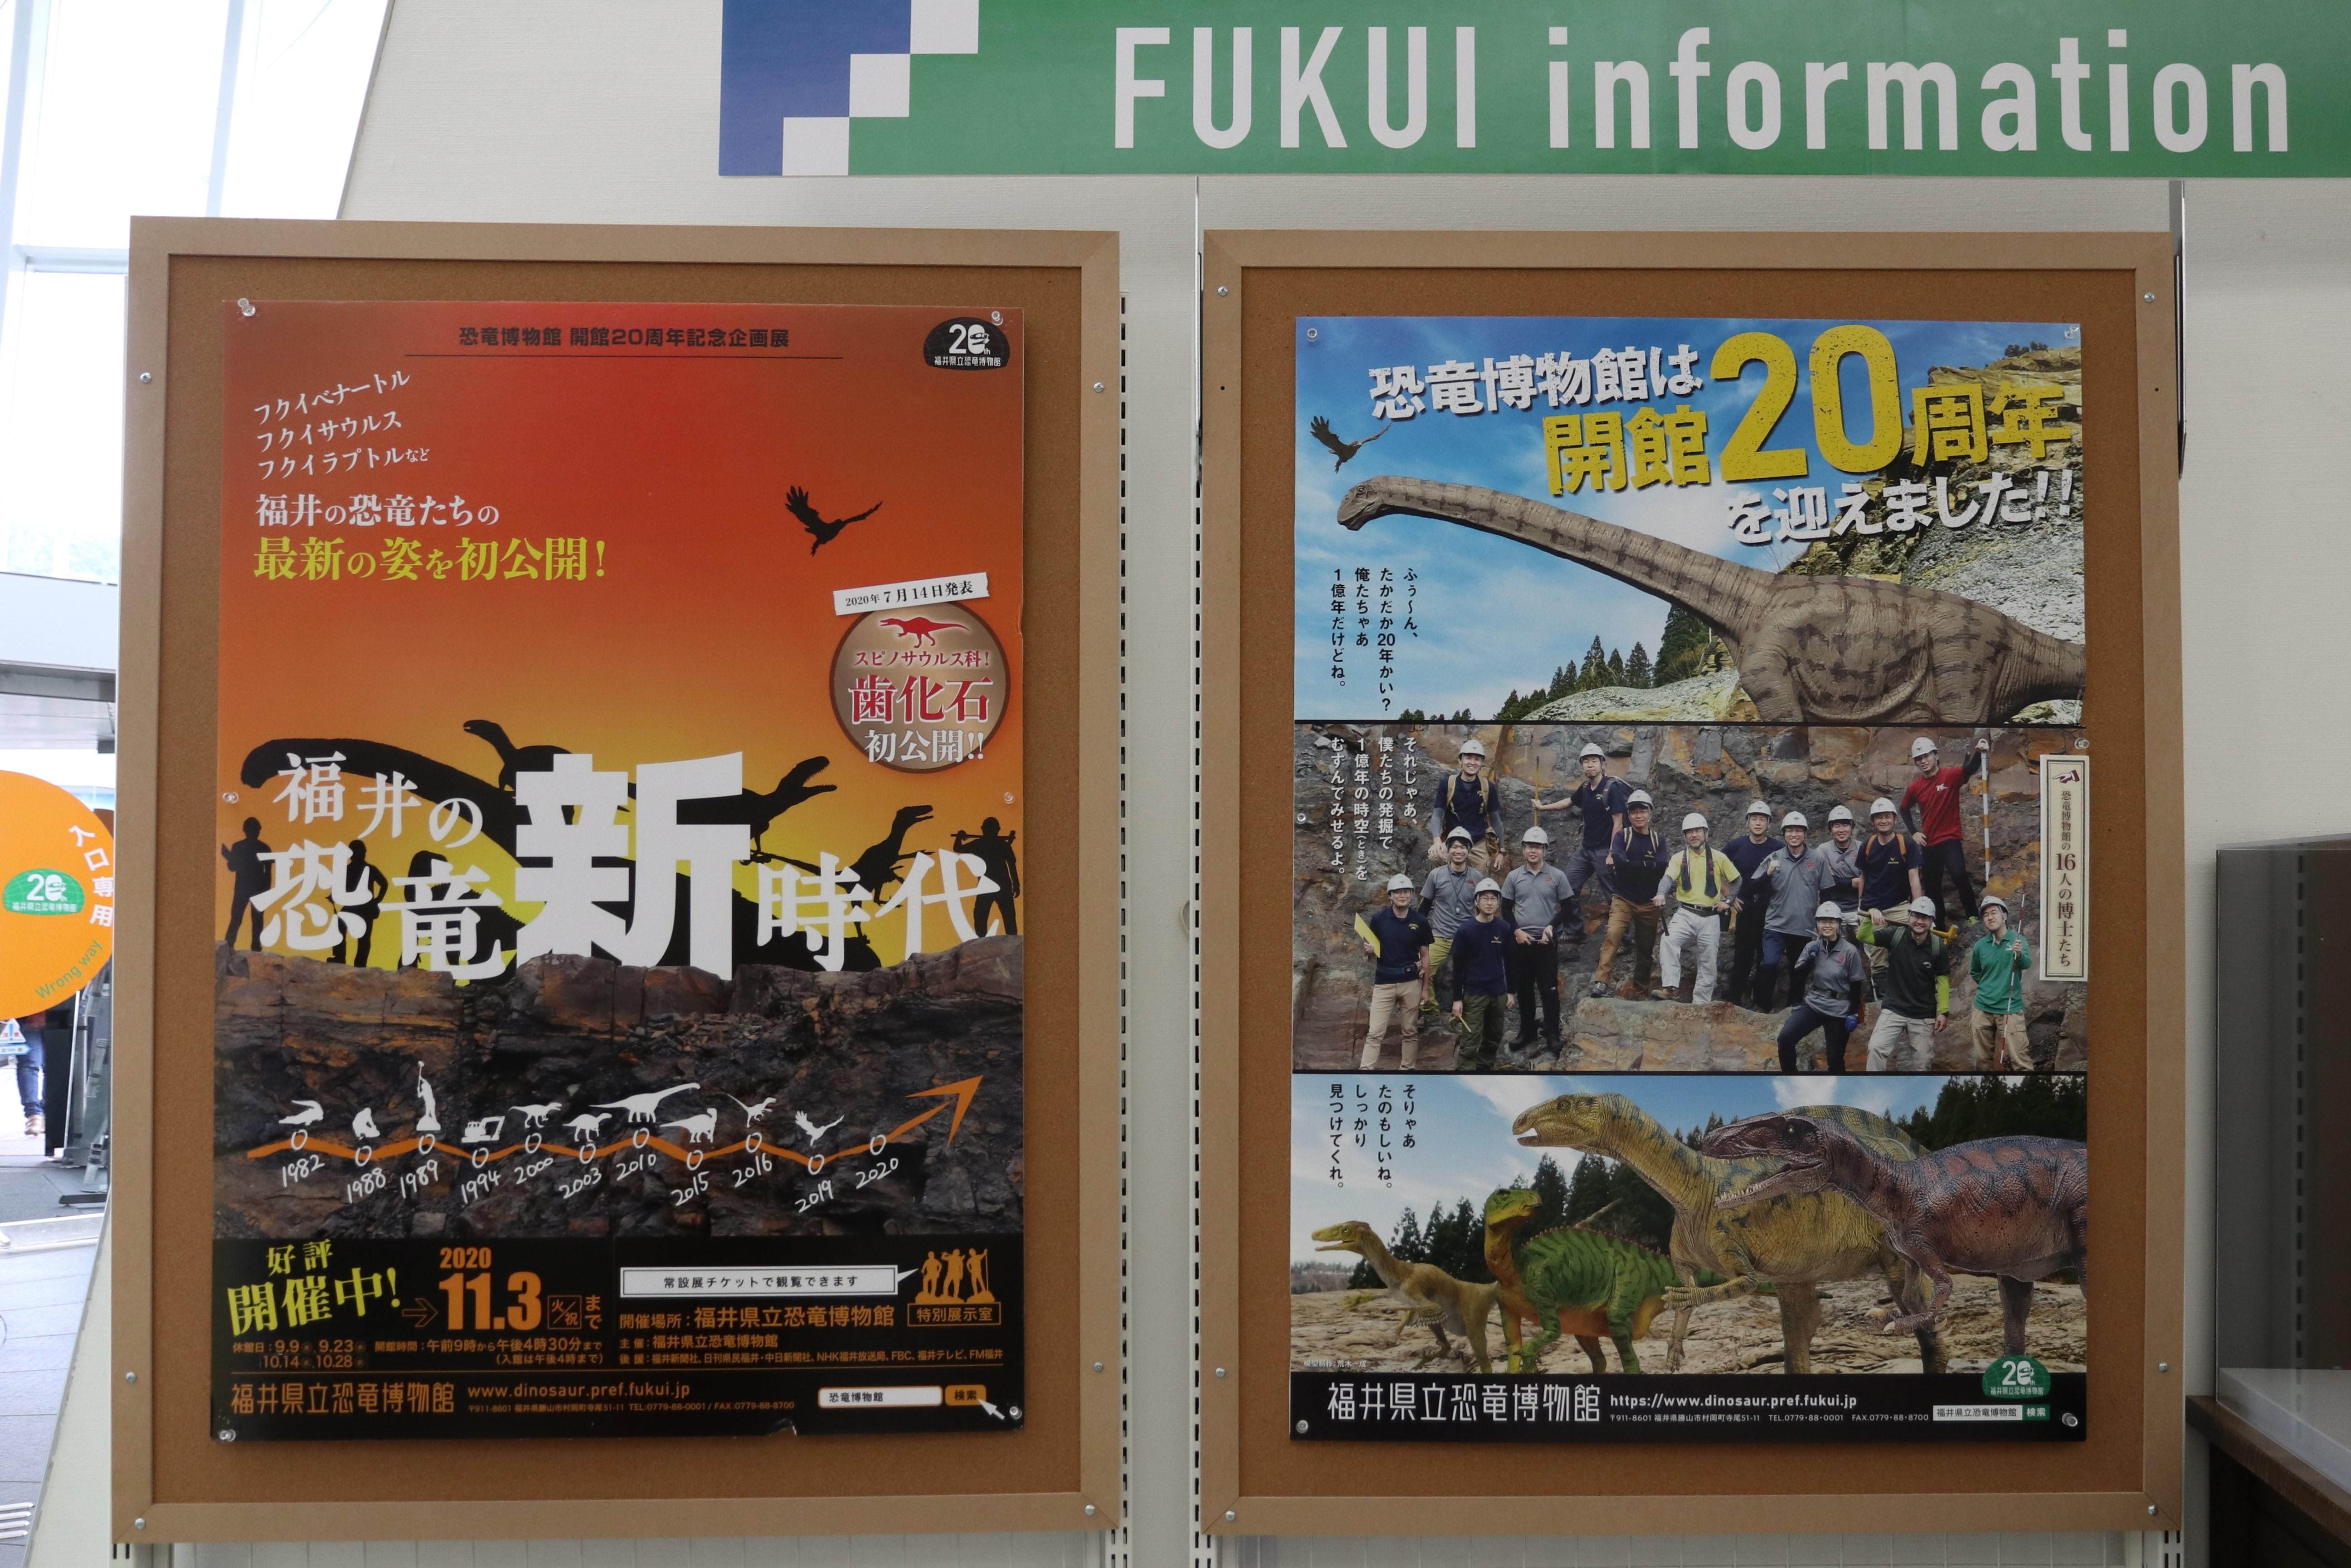 博物館 恐竜 福井 県立